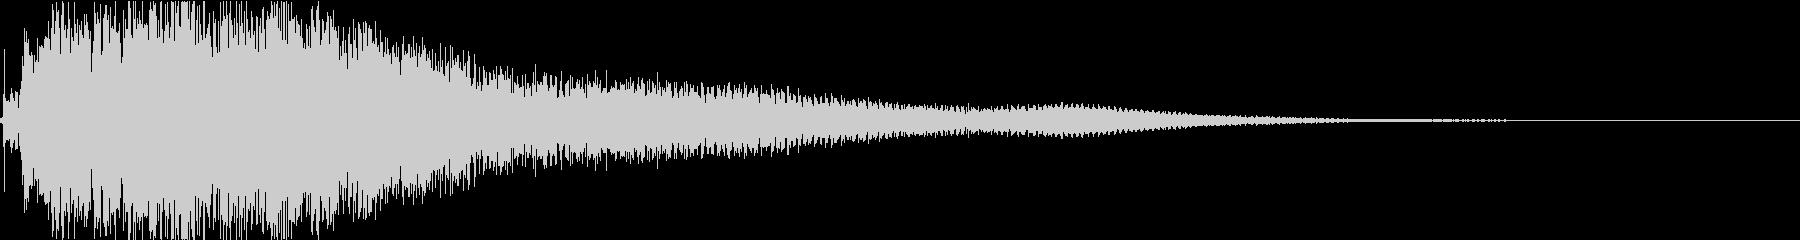 ジャラーン:アコースティックギター bの未再生の波形